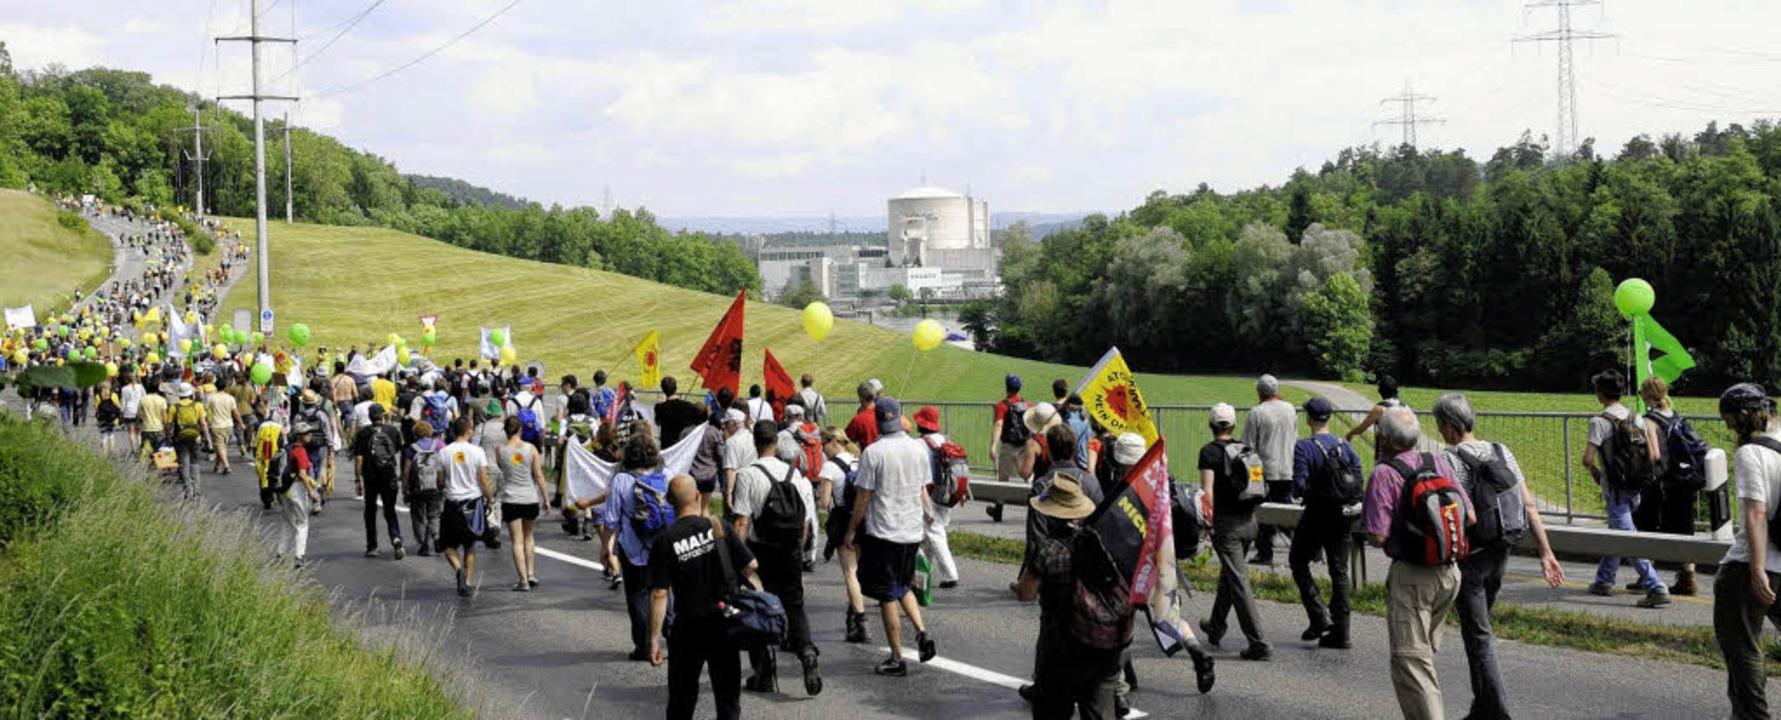 Zu Tausenden strömten Menschen am Sonn...egen die Atomenergie zu demonstrieren.    Foto: dpa